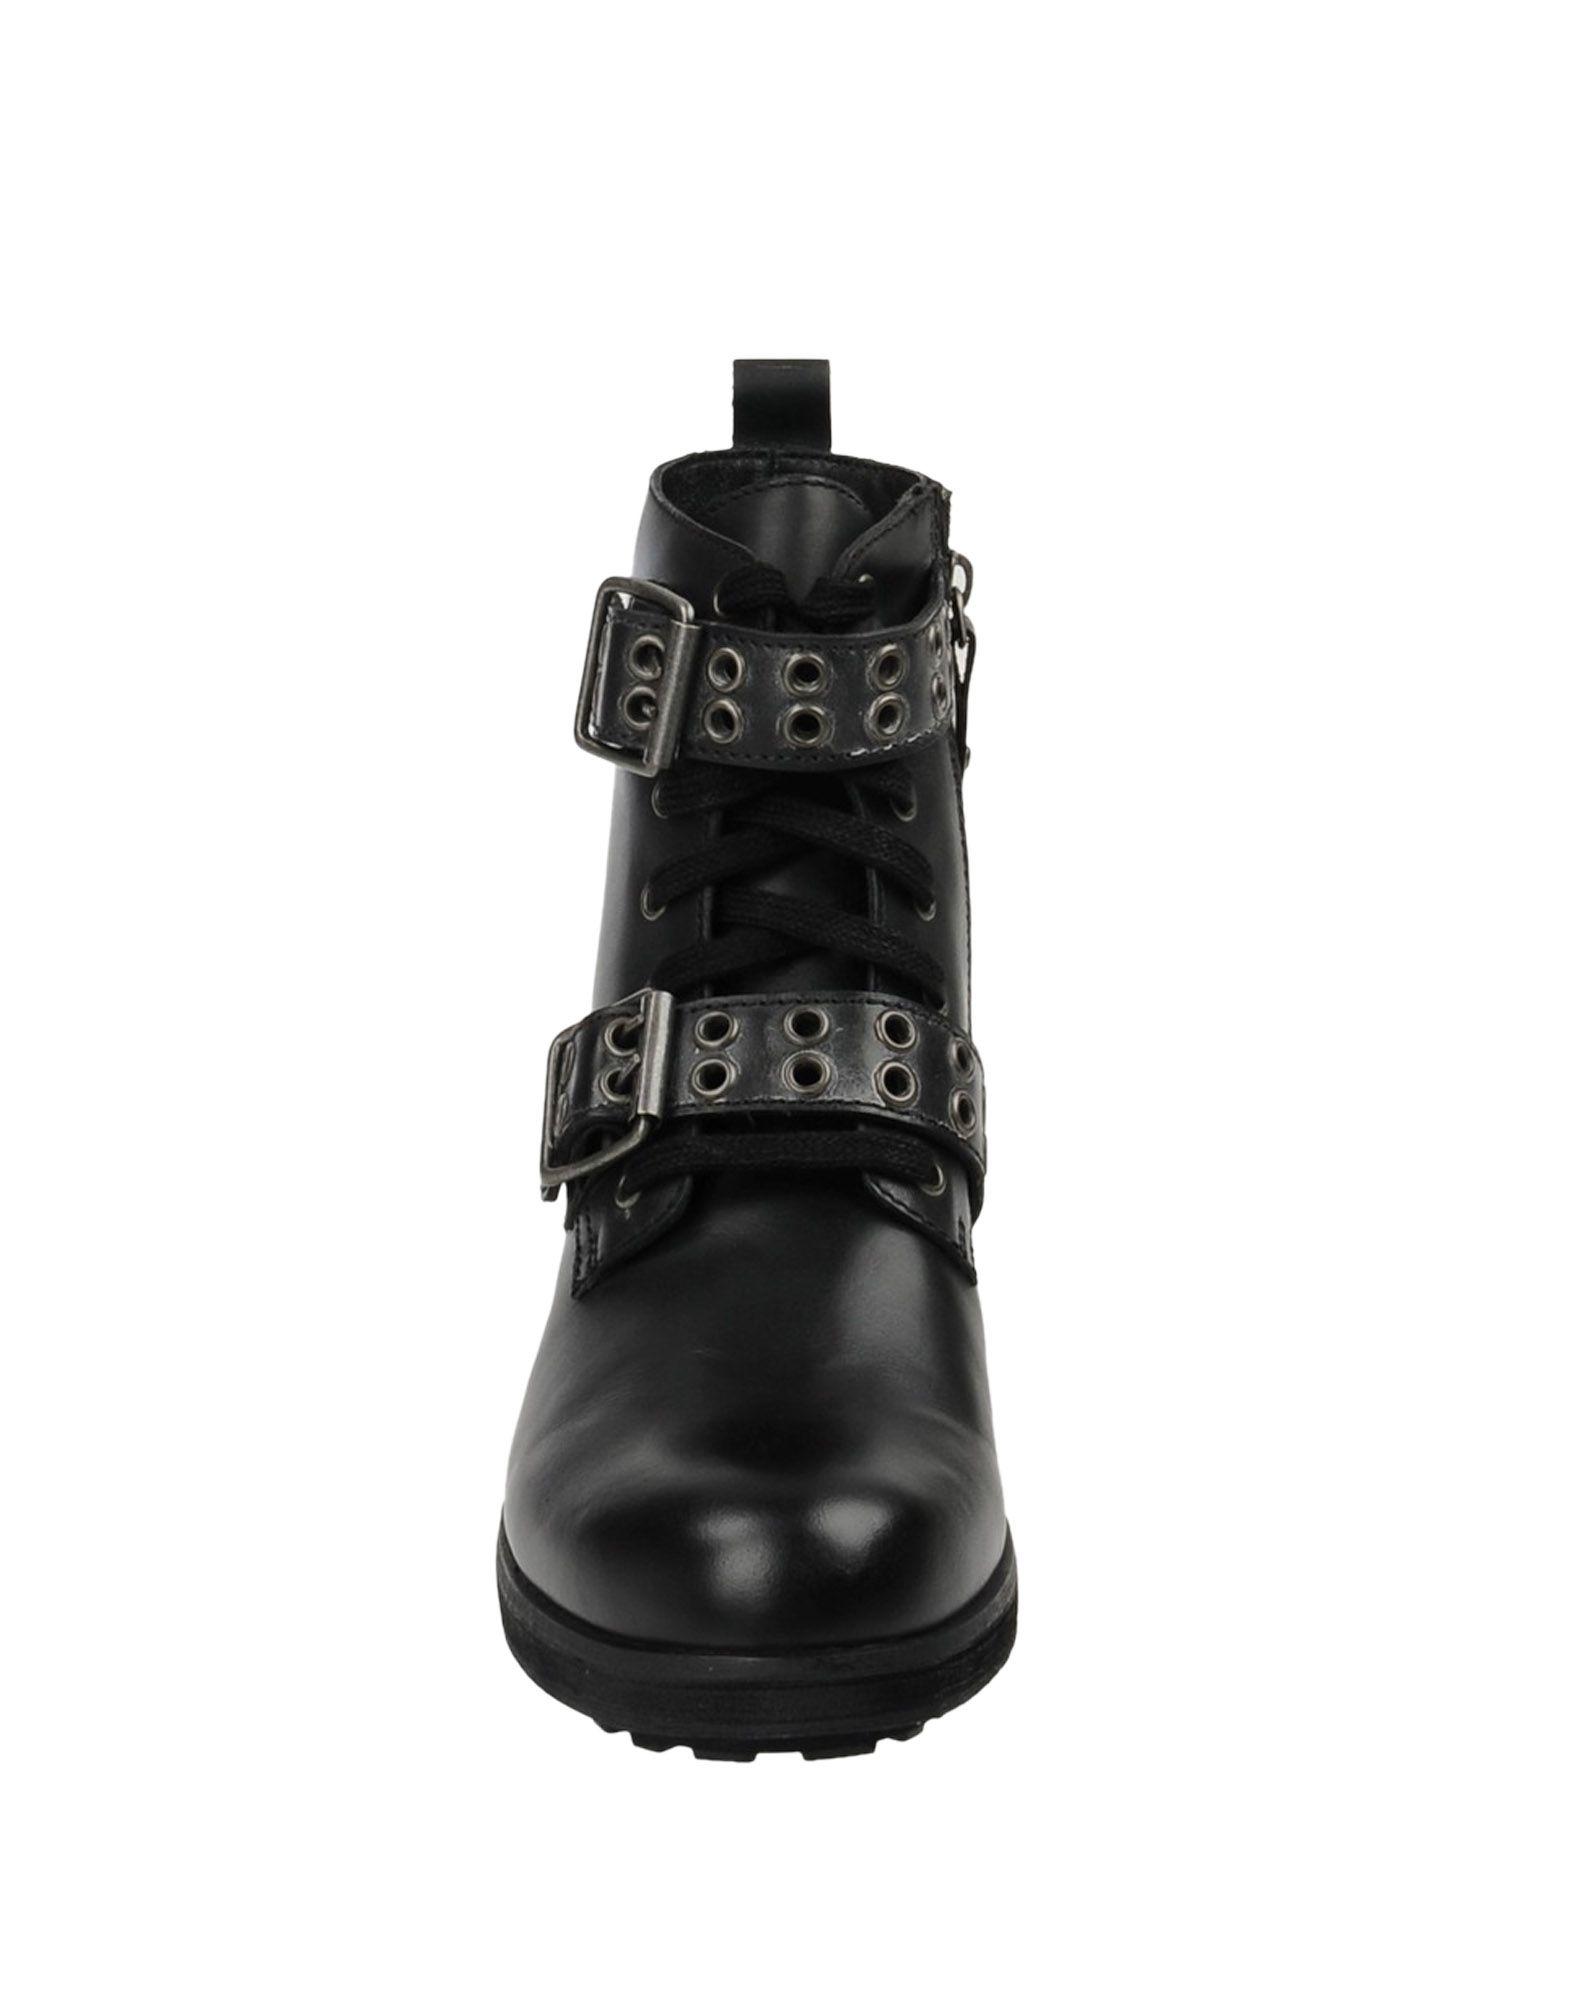 Gut um Stiefelette billige Schuhe zu tragenGei Gei Stiefelette um Damen  11379096QR 5eef6c